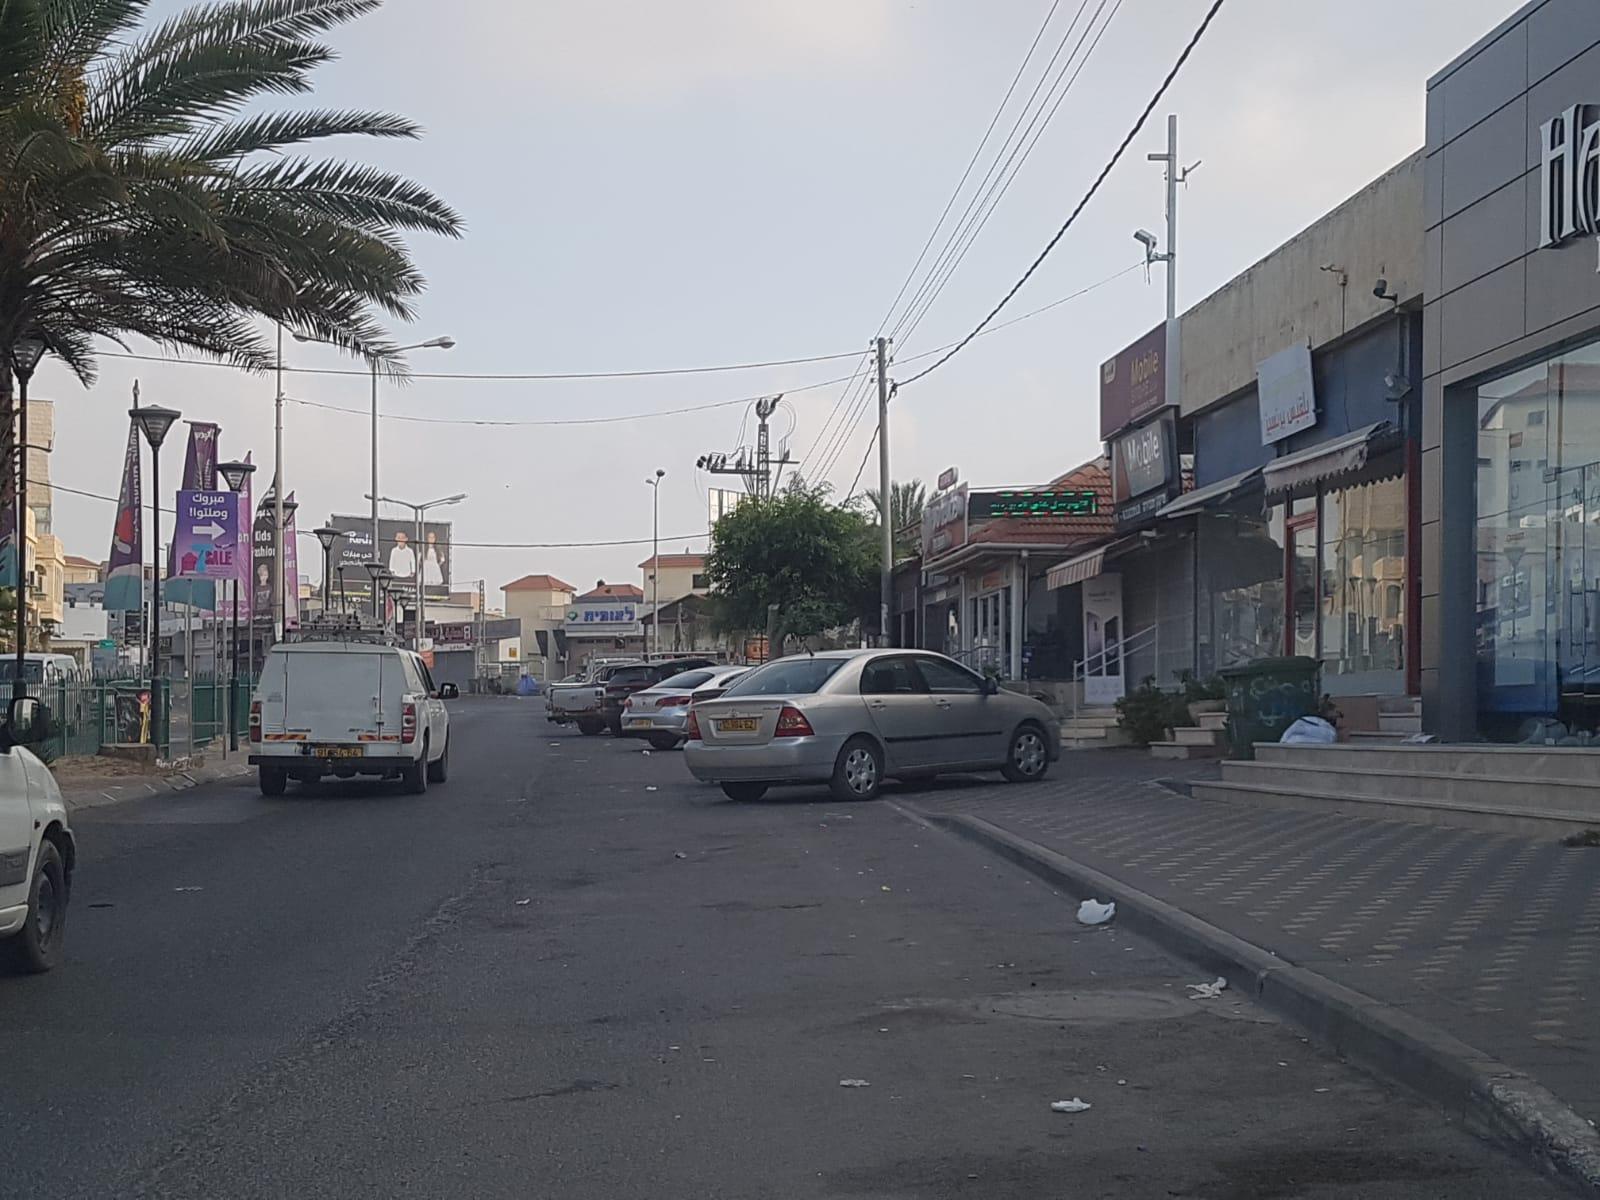 إضراب في باقة: خطوات تصعيدية ضد العنف والجريمة